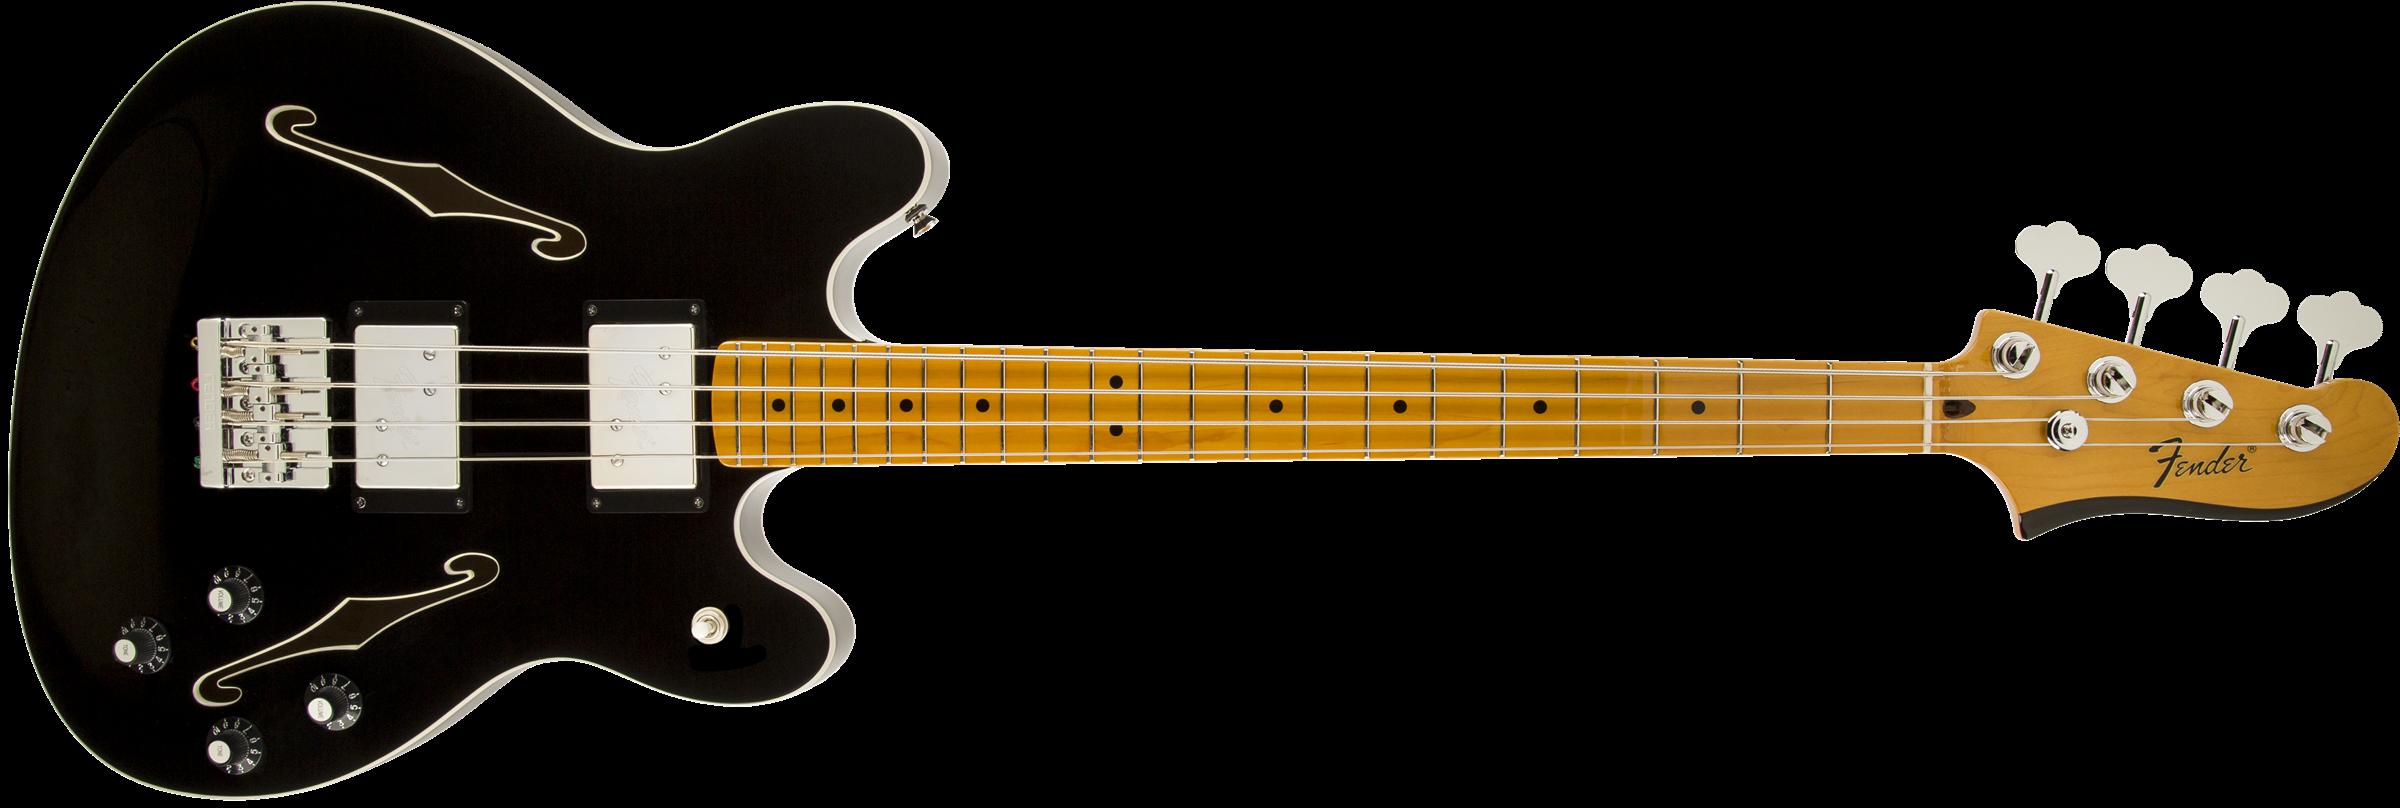 Fender Starcaster Bass, Maple Fingerboard, Black